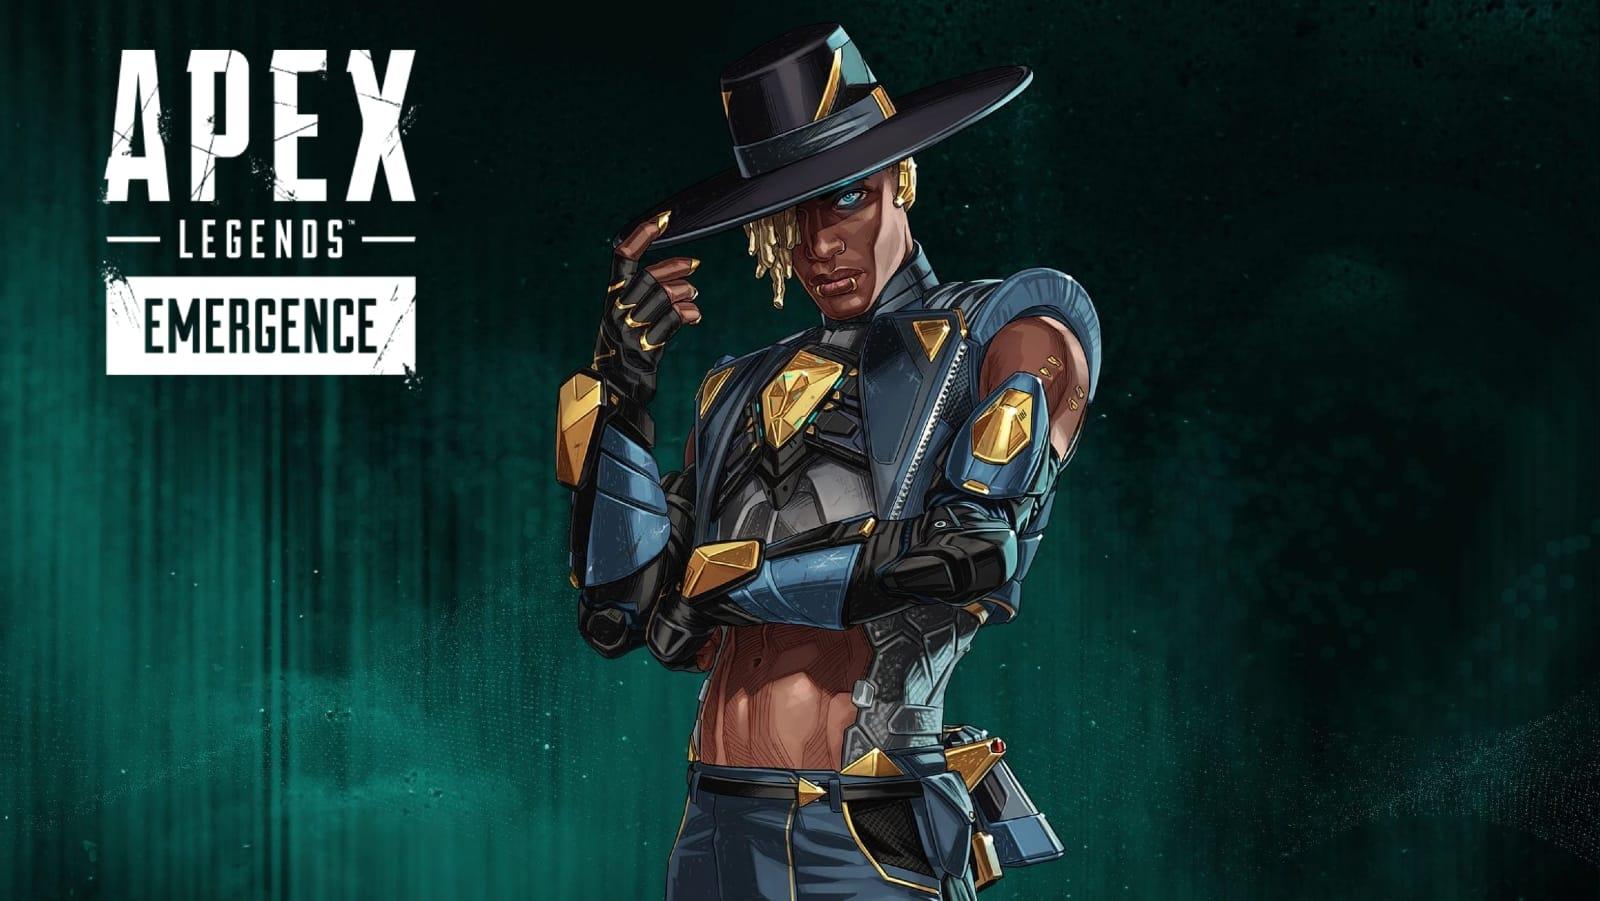 Seer is het nieuwste personage in Apex Legends